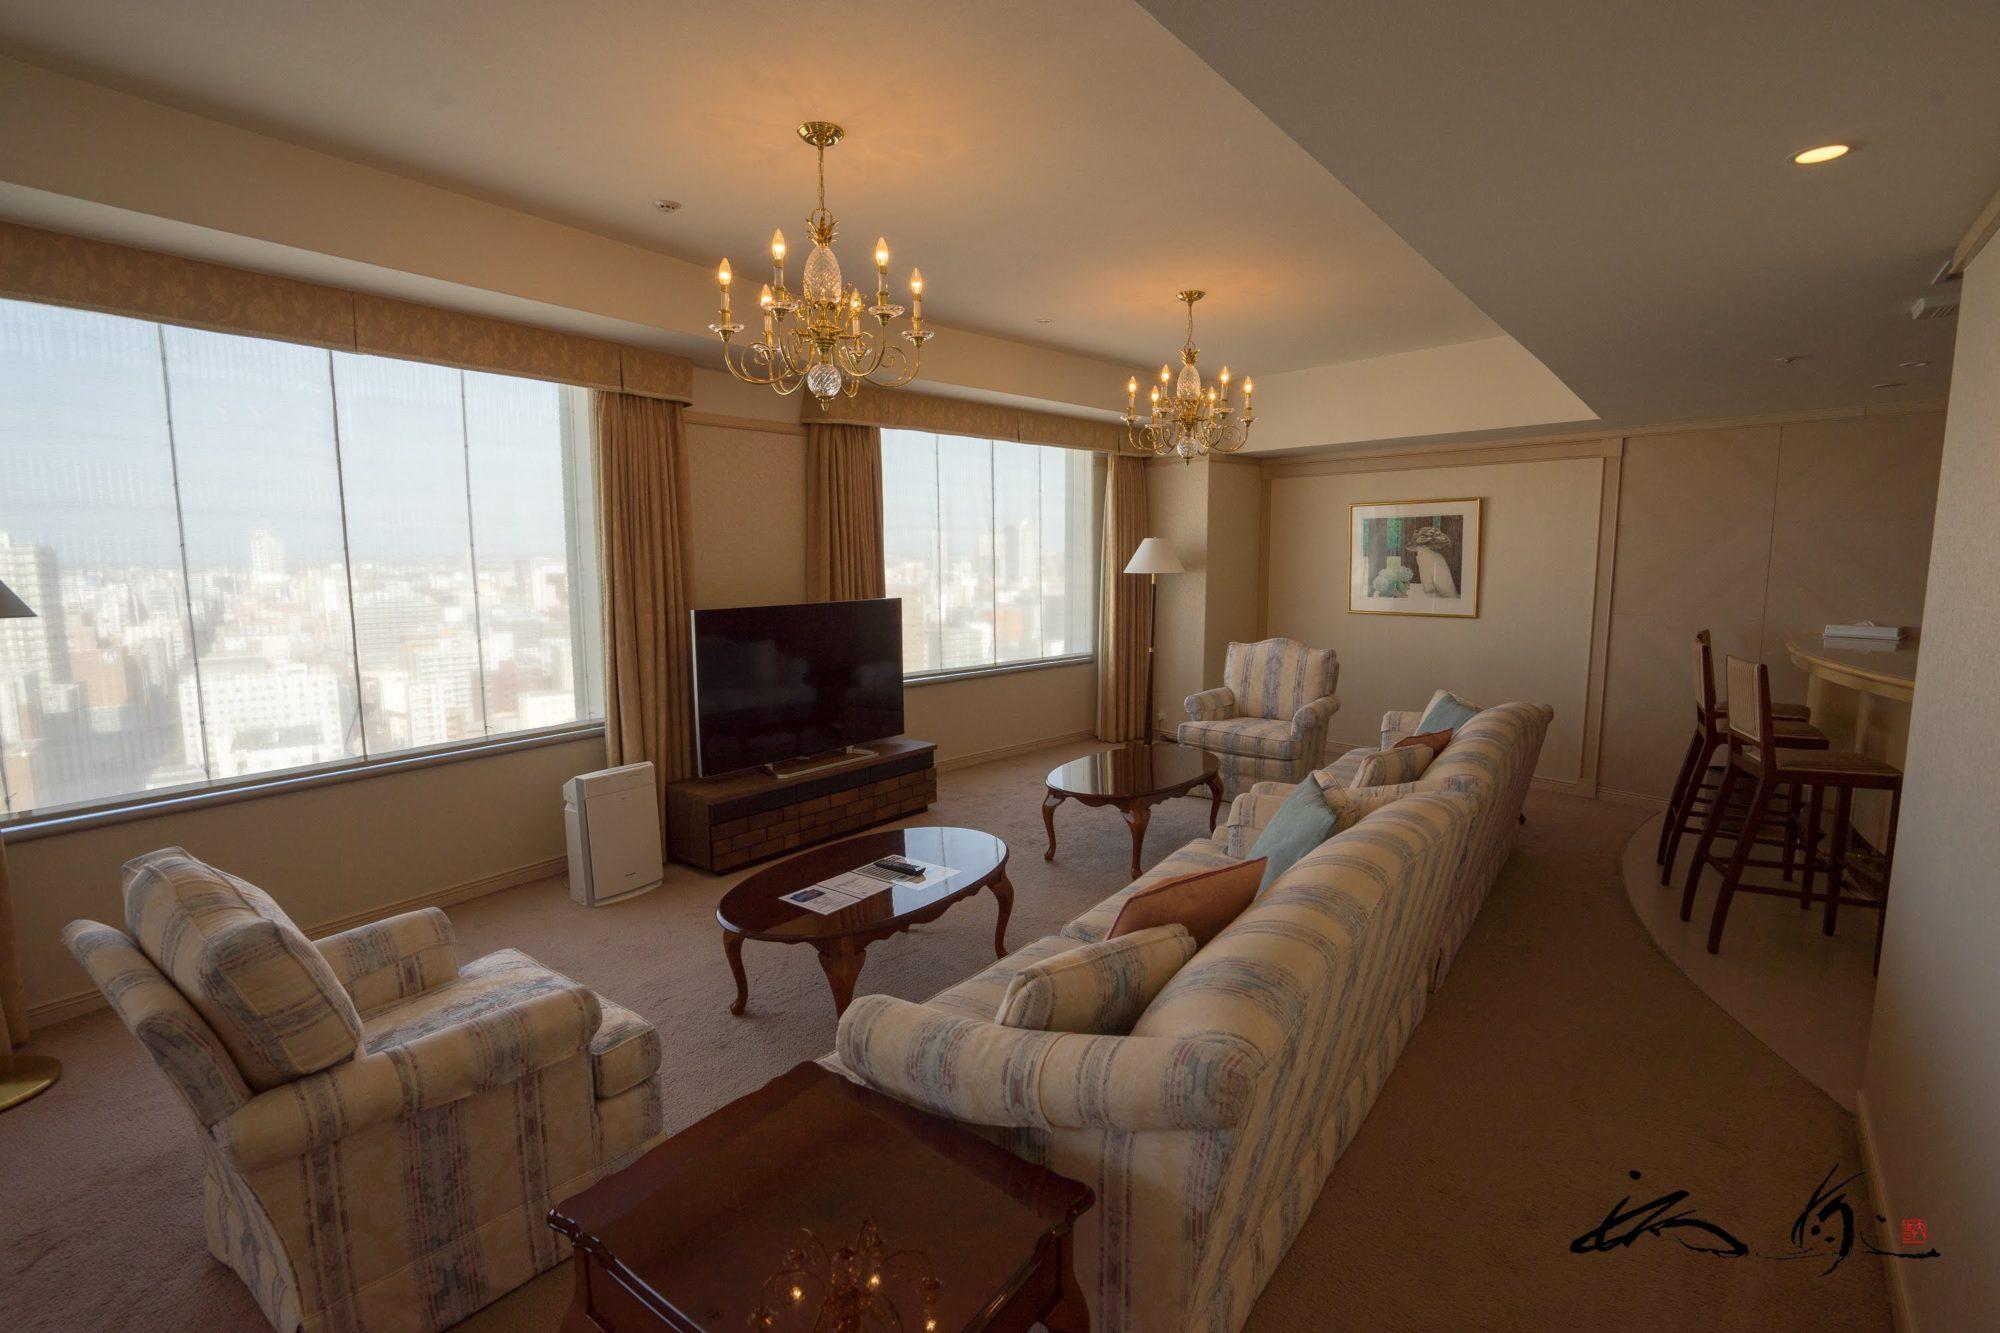 札幌プリンスホテル・ロイヤルスイートルーム(札幌市)JAF特別プランでエグゼクティブ体験